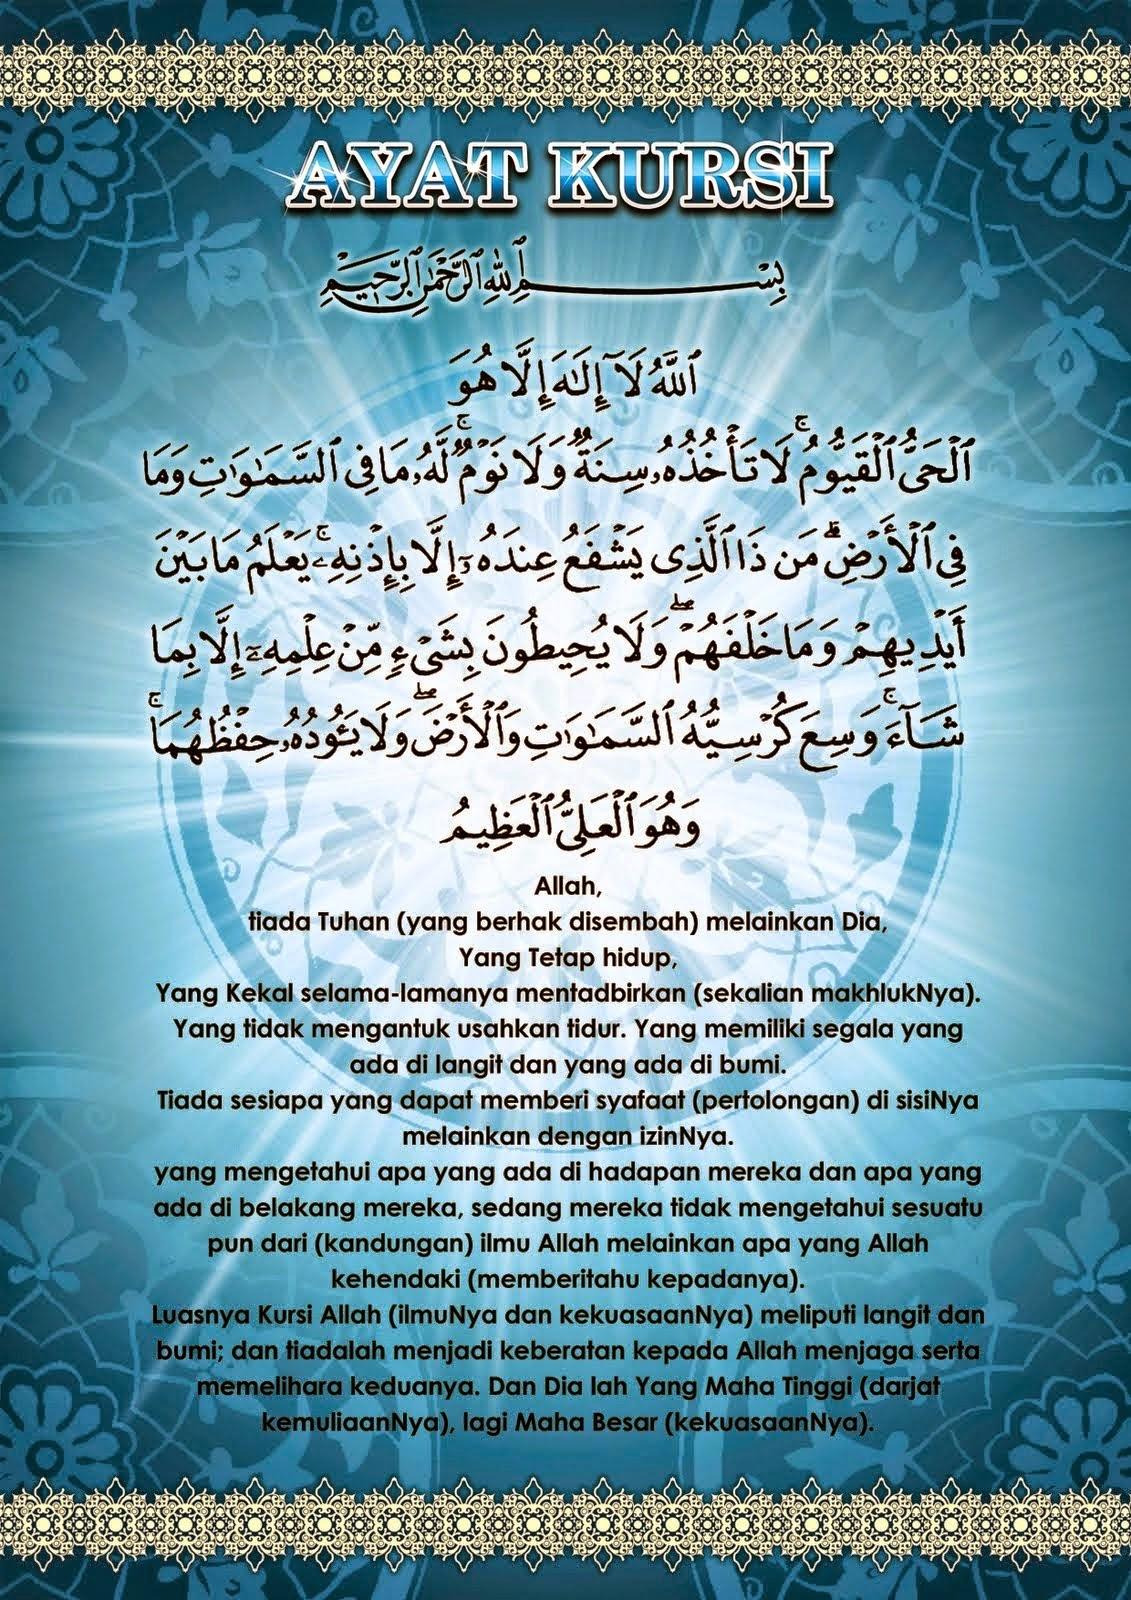 Gambar Dp Bbm Islami Kesinilahcom